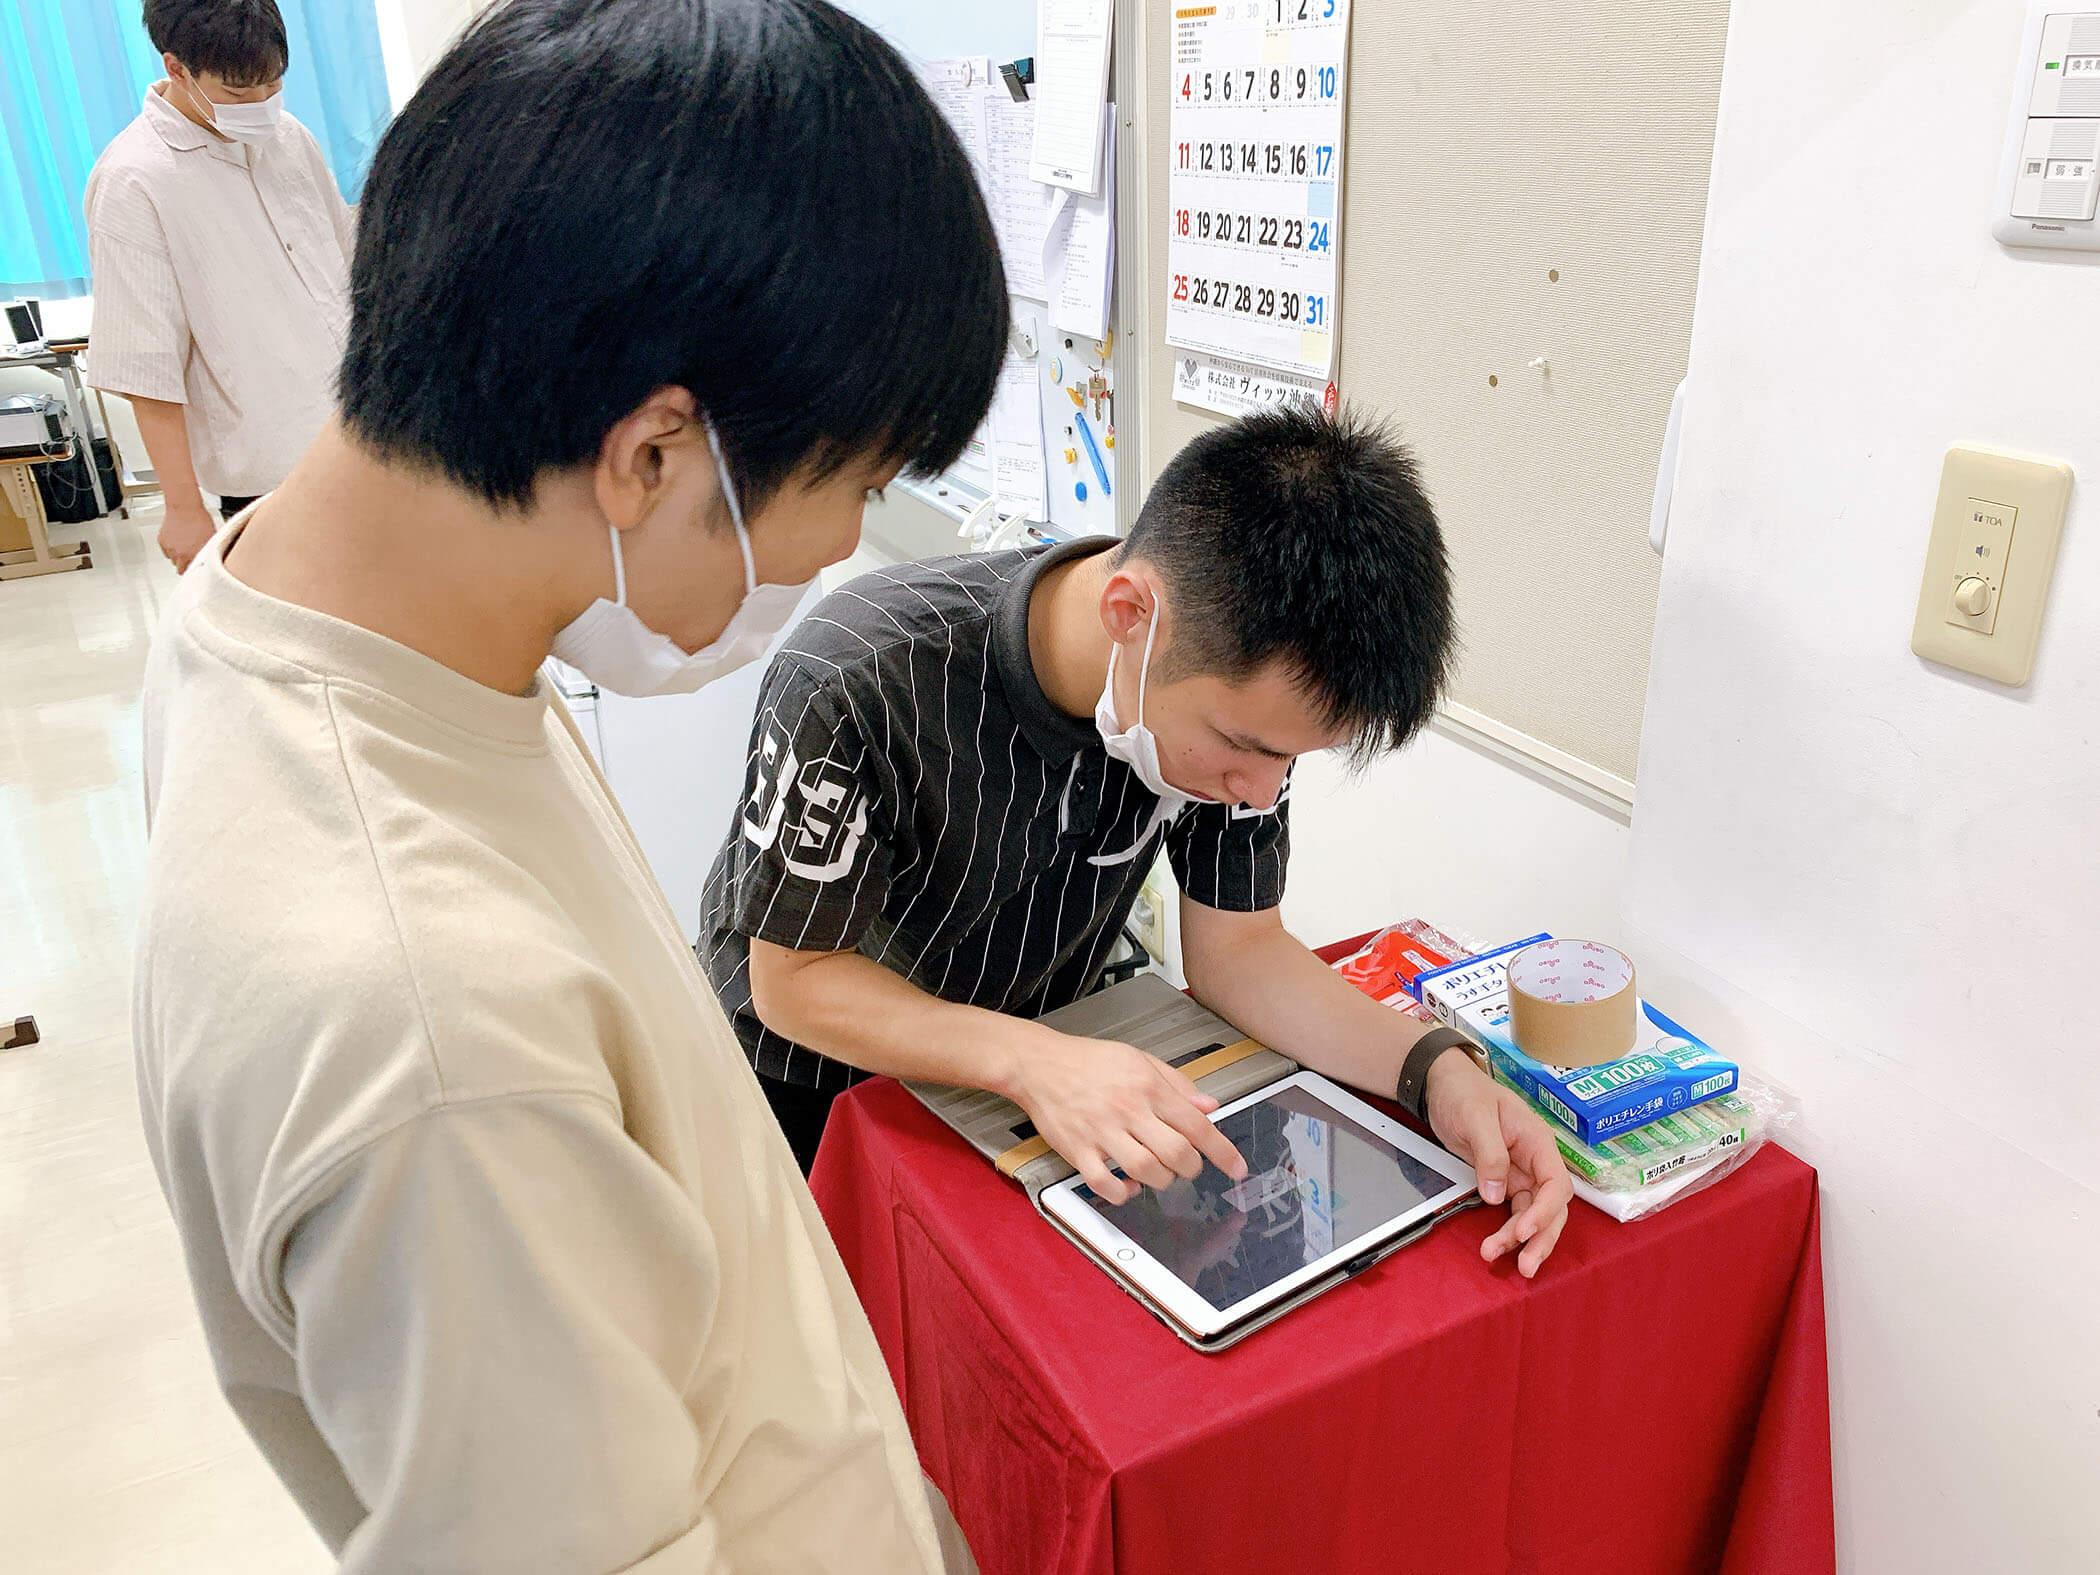 10月23日(土)高校1・2年生も参加して欲しい!オープンキャンパス開催★ 2